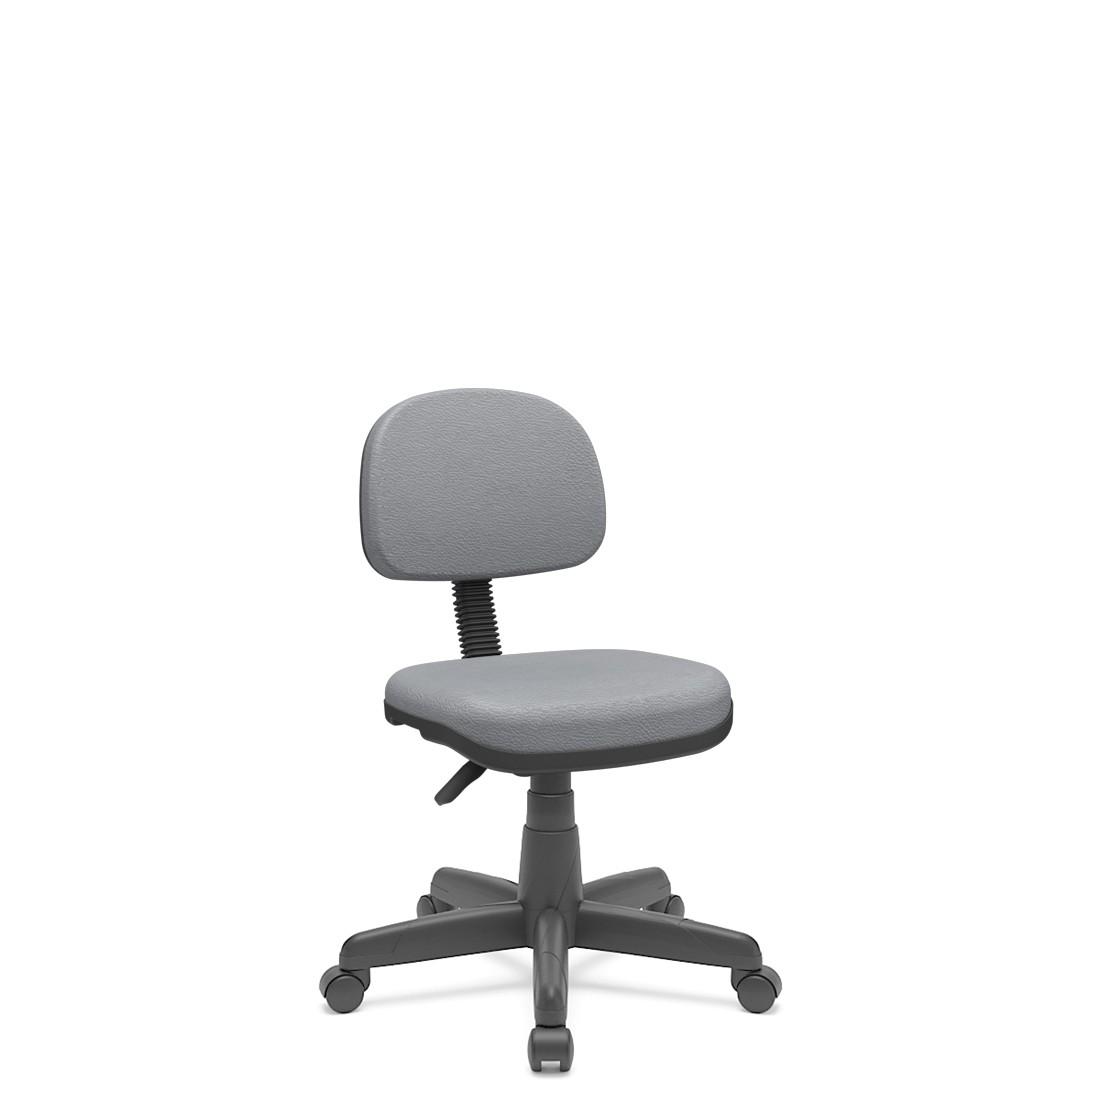 Cadeira Secretária Giratória Em couro ecológico Com Base Preta Plaxmetal - Cinza